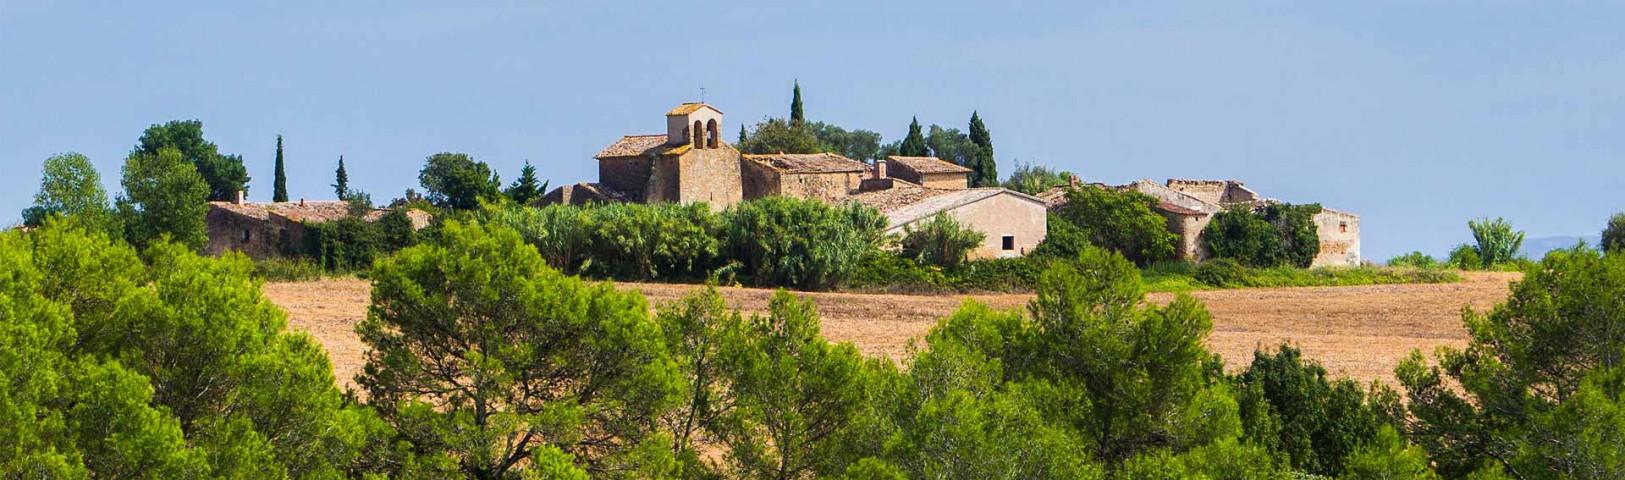 Sant Marçal de Quarantella - Vilademuls